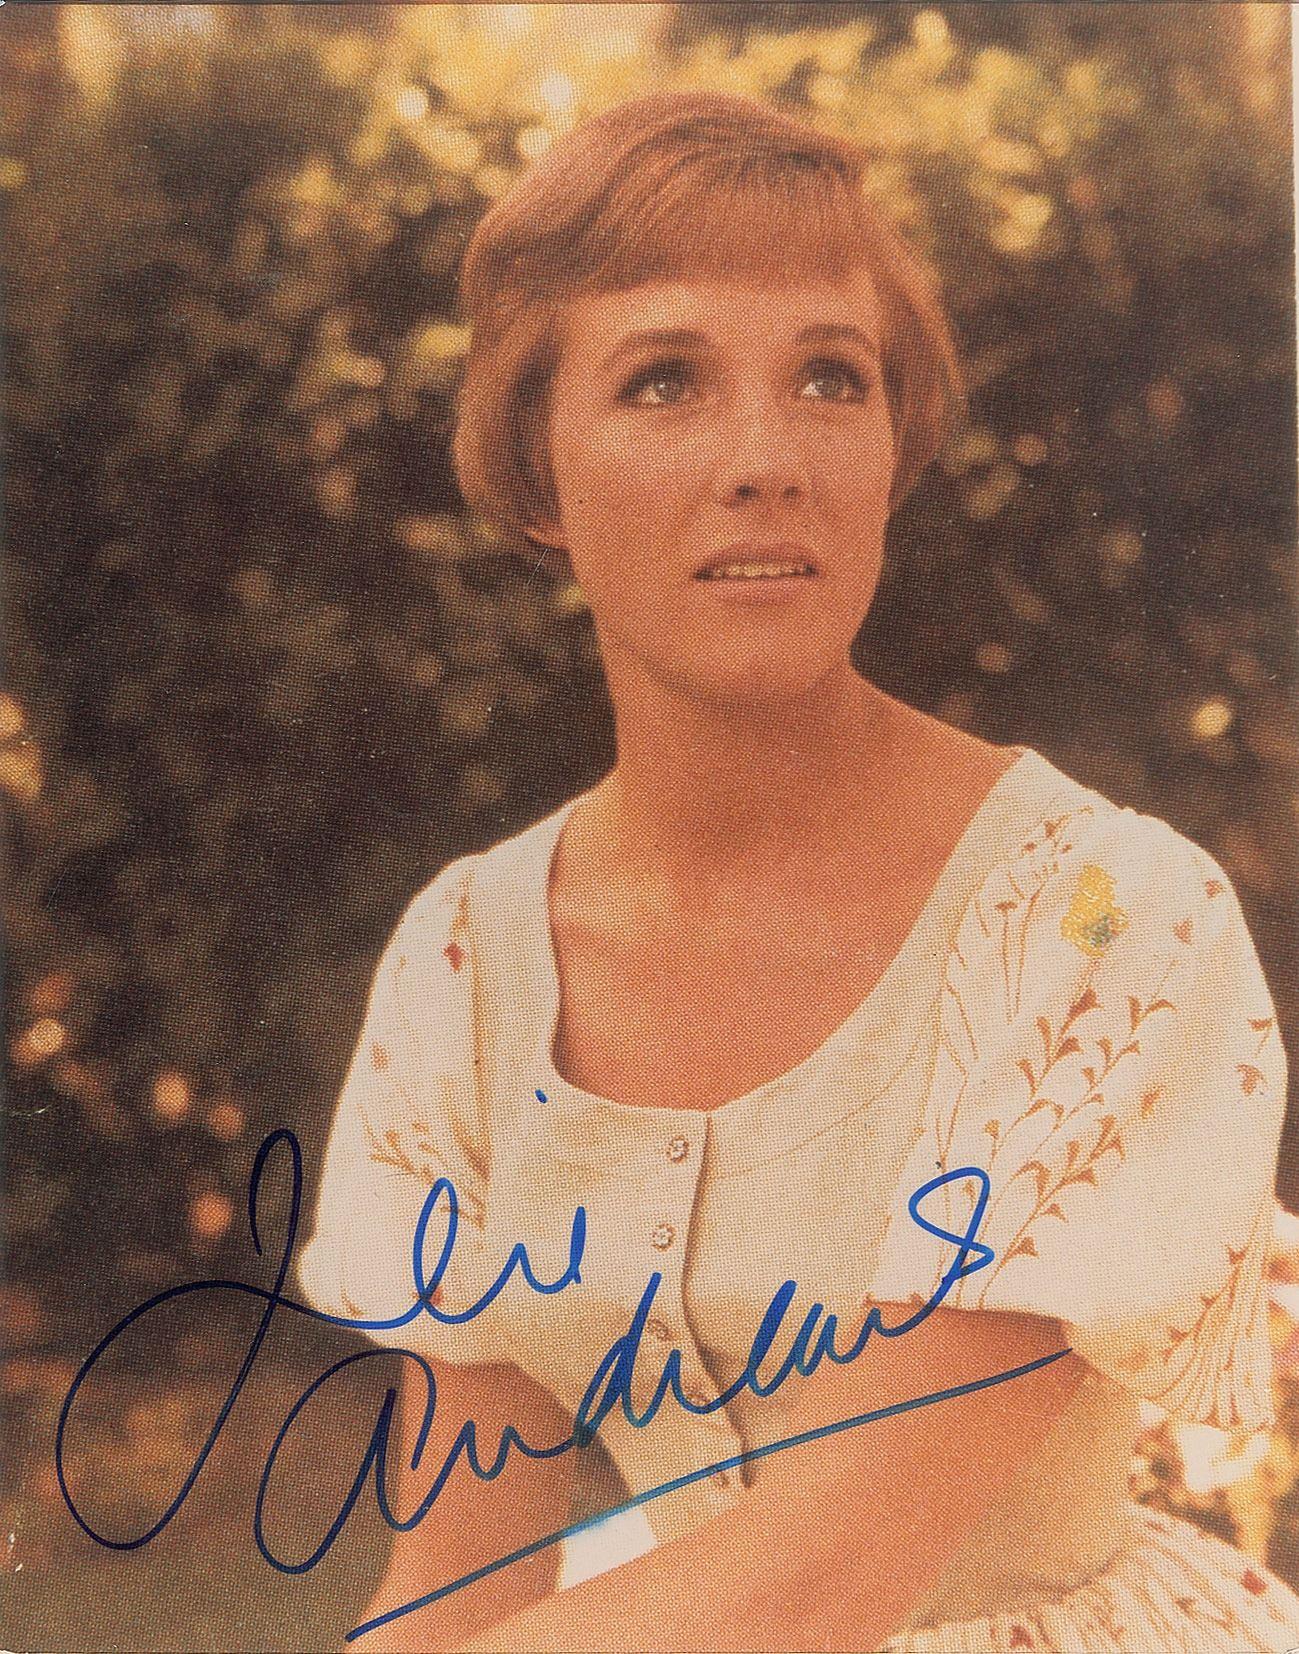 Julie Andrews Autograph Signed 8 x 10 Photo